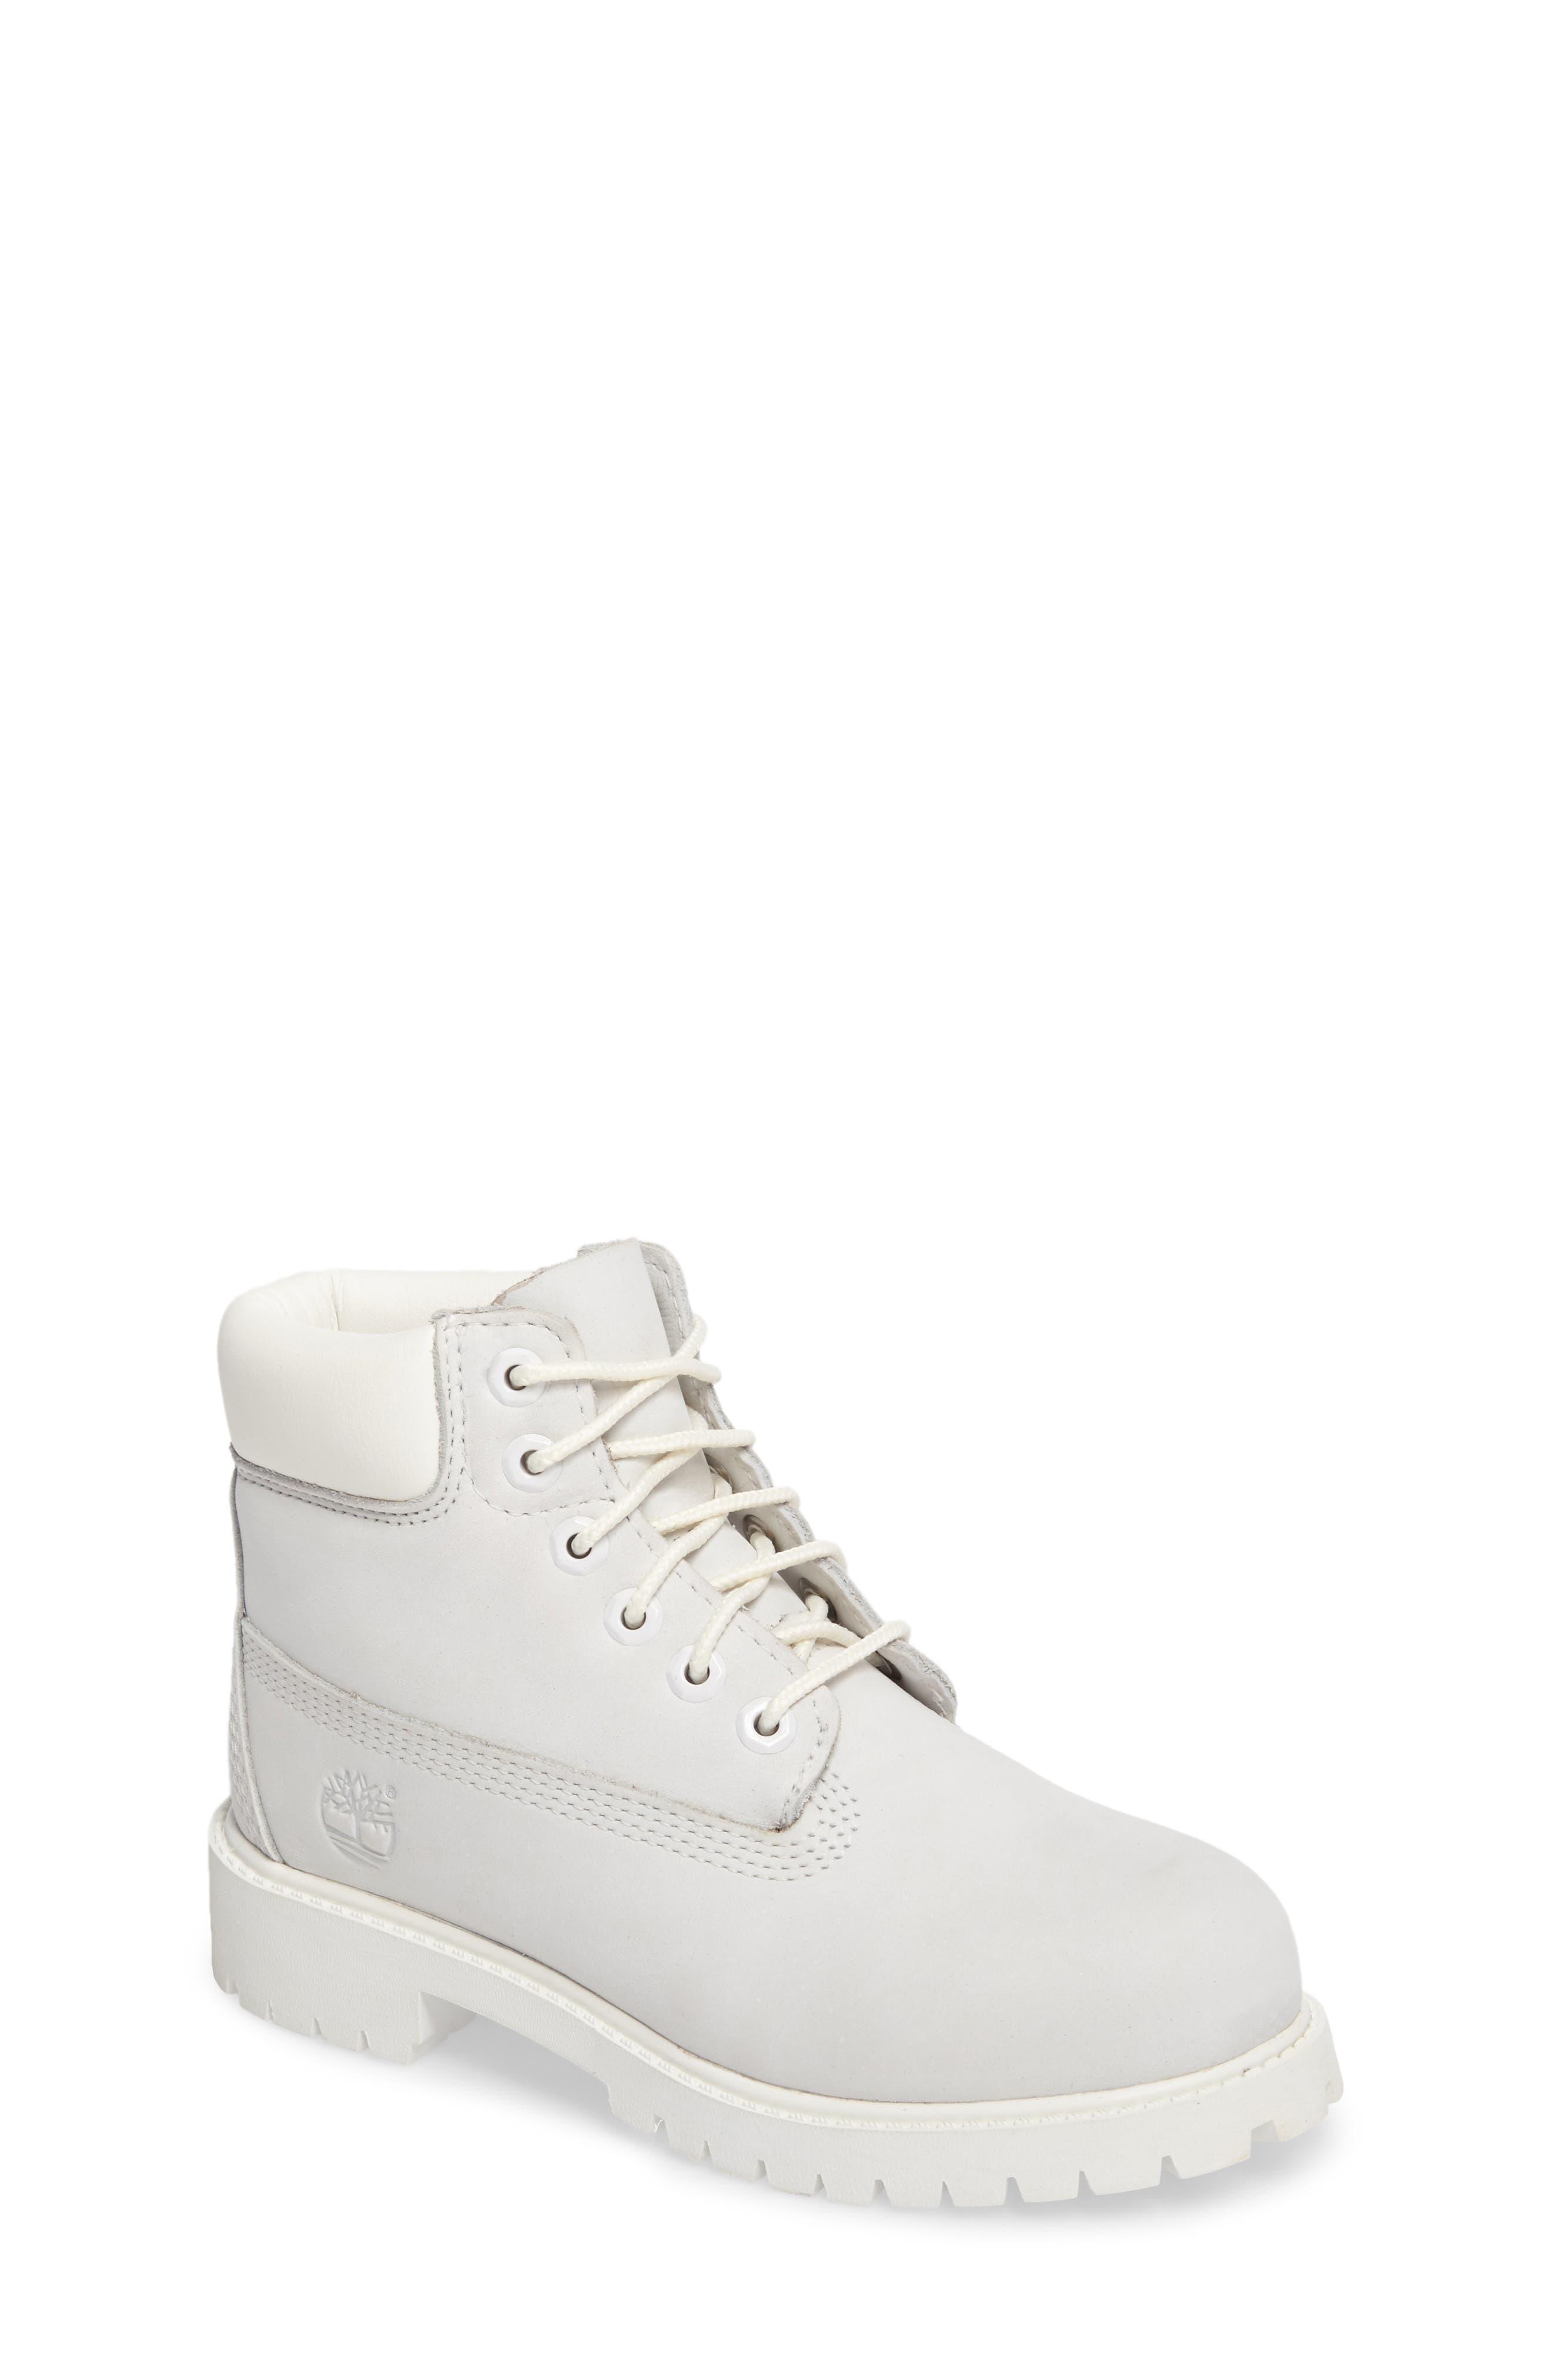 6-Inch Premium Waterproof Boot,                         Main,                         color, 100